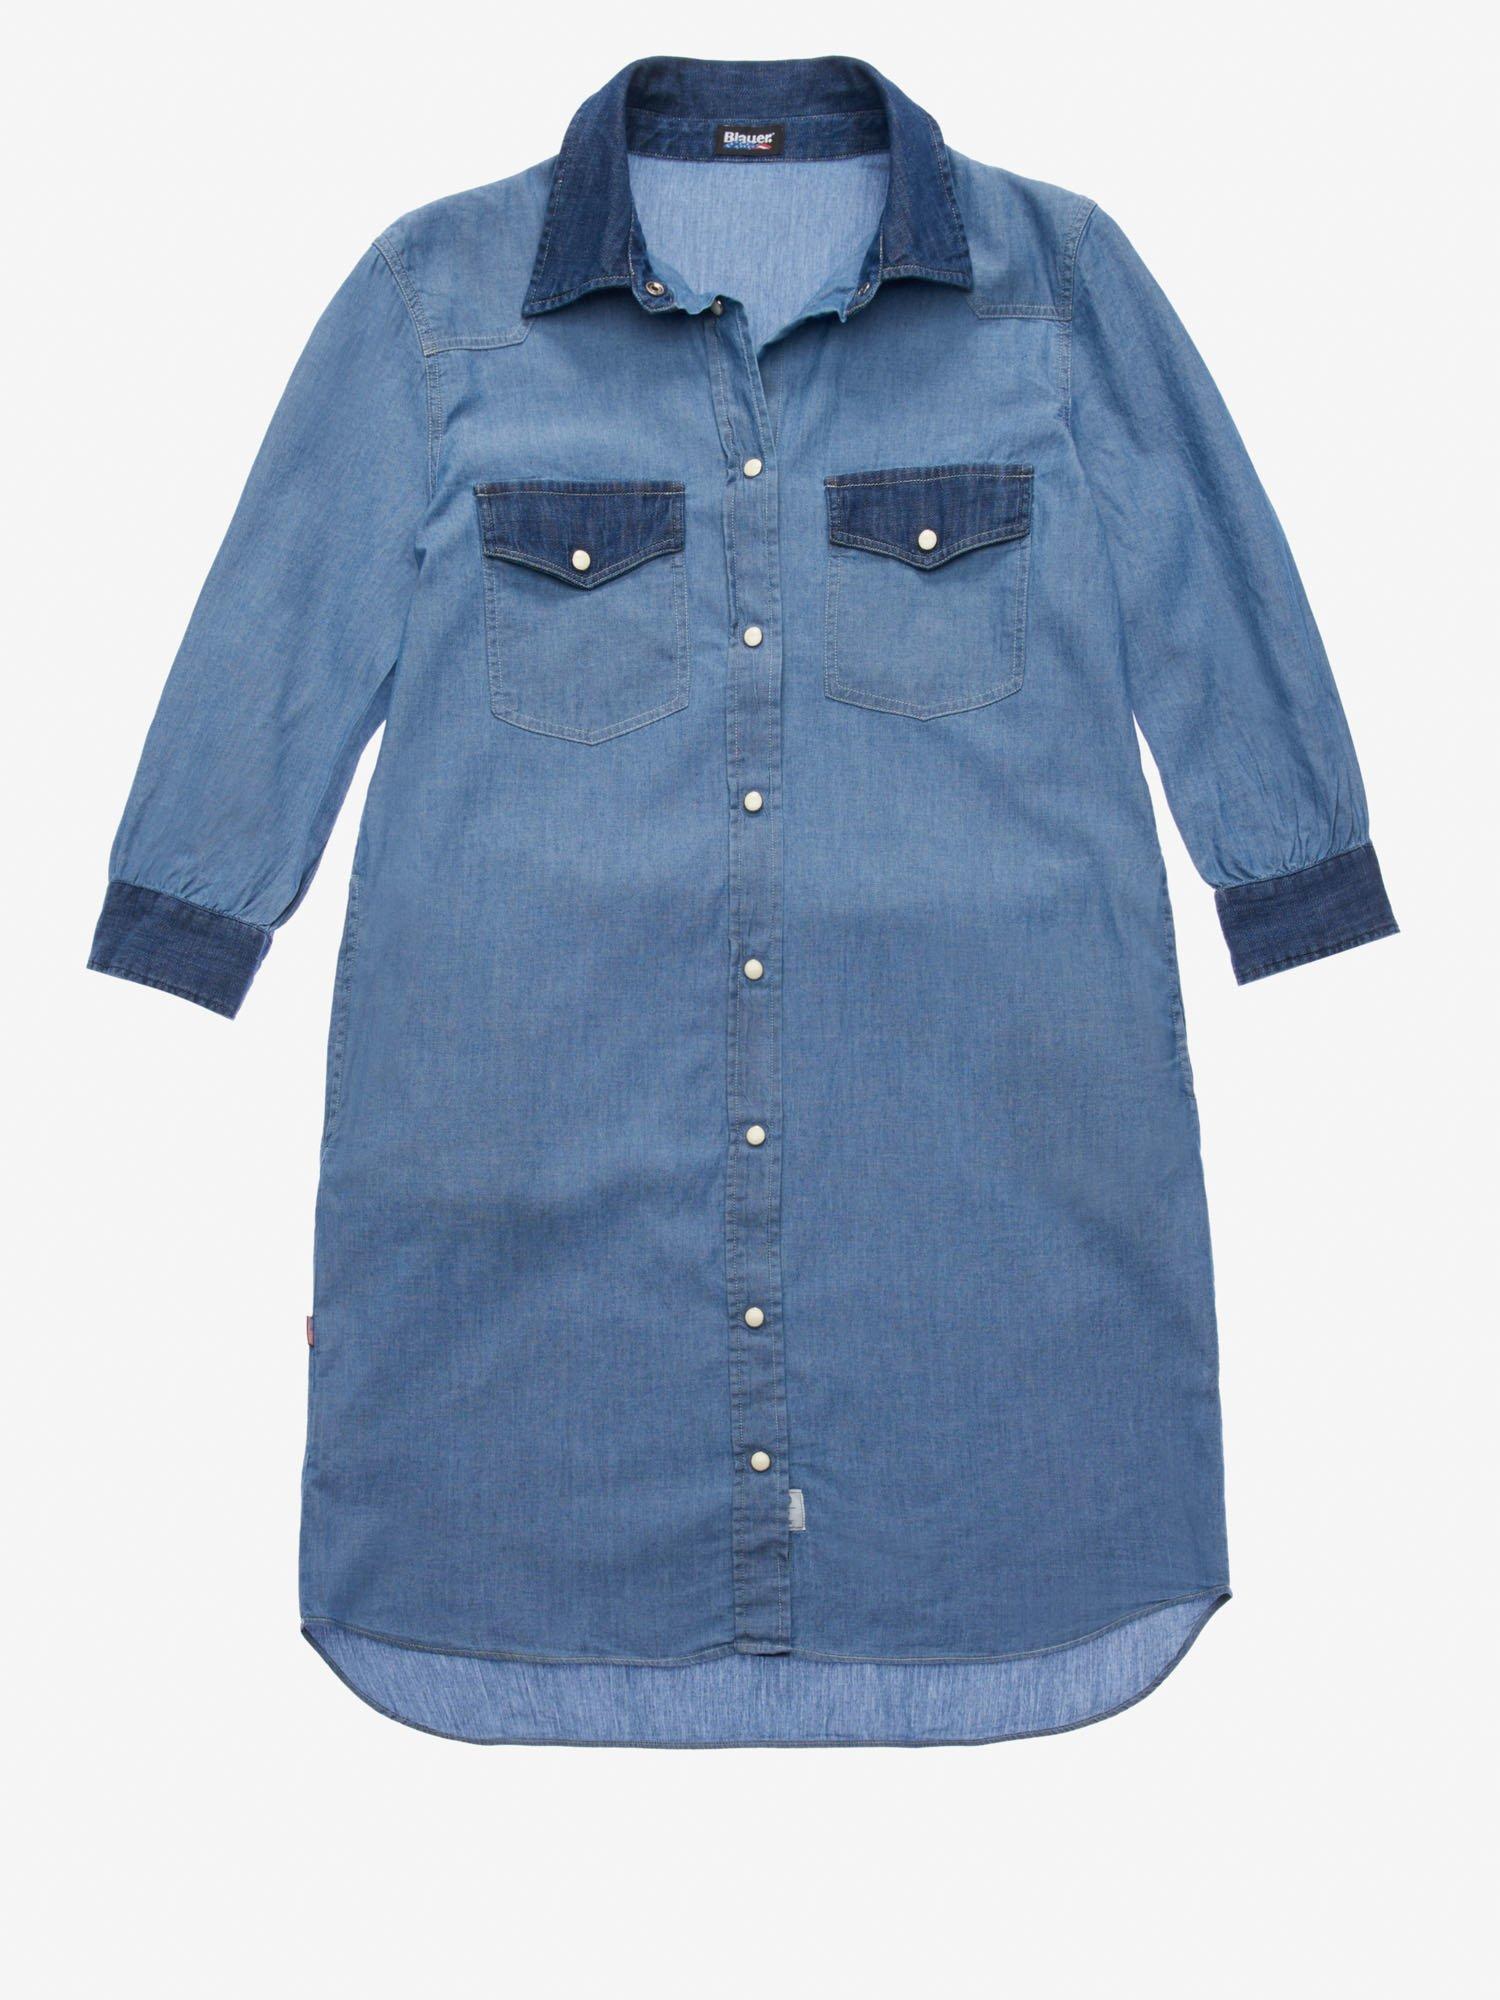 Blauer - CHAMBRAY AND DENIM DRESS - Blue Ink - Blauer